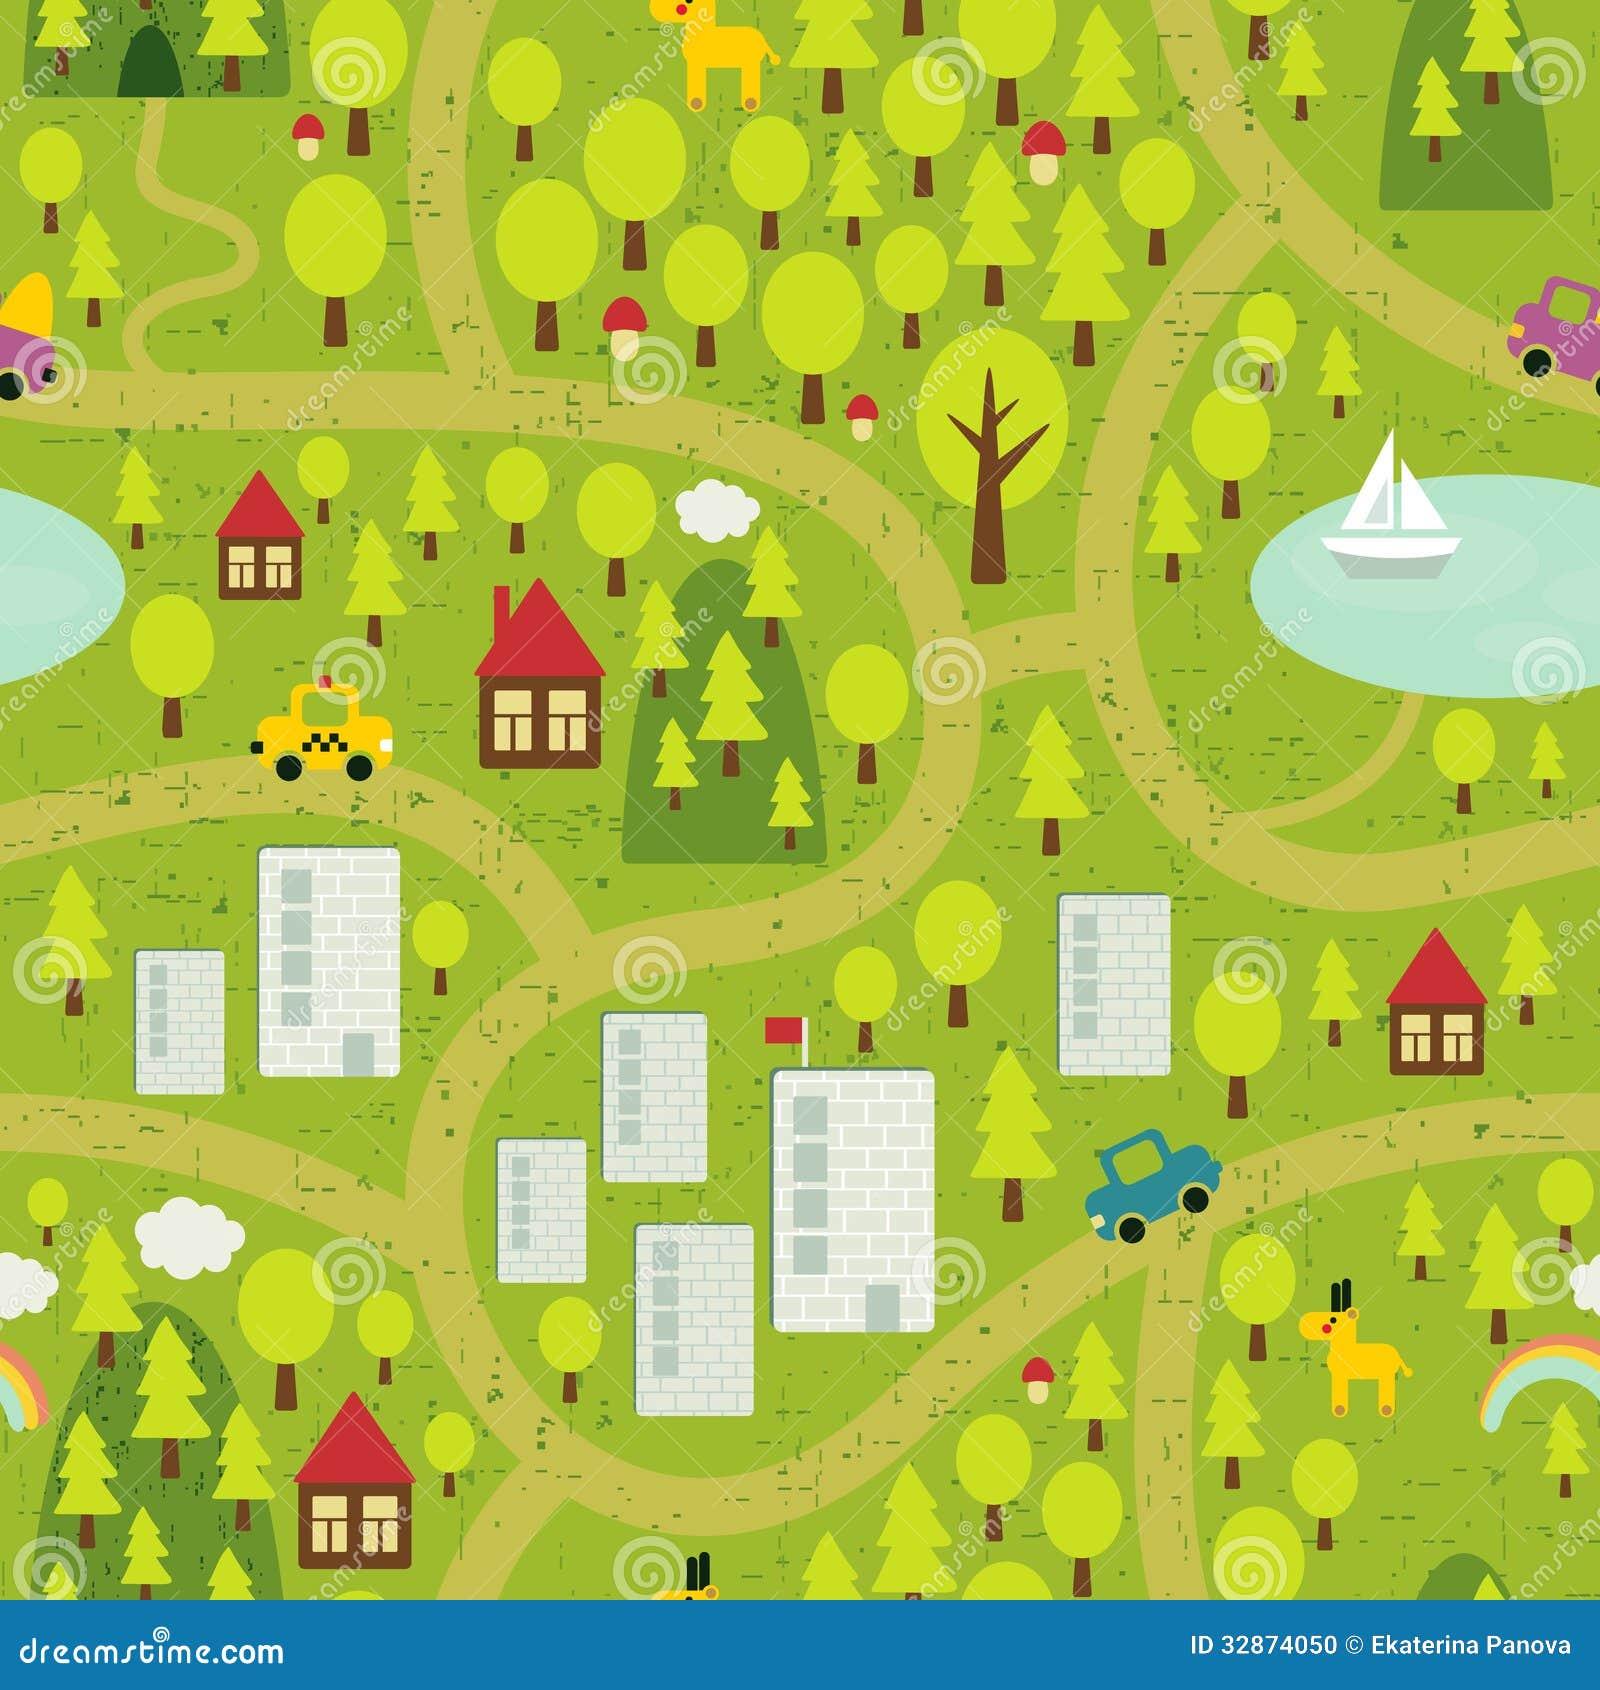 Карта шаржа маленького города и сельской местности.